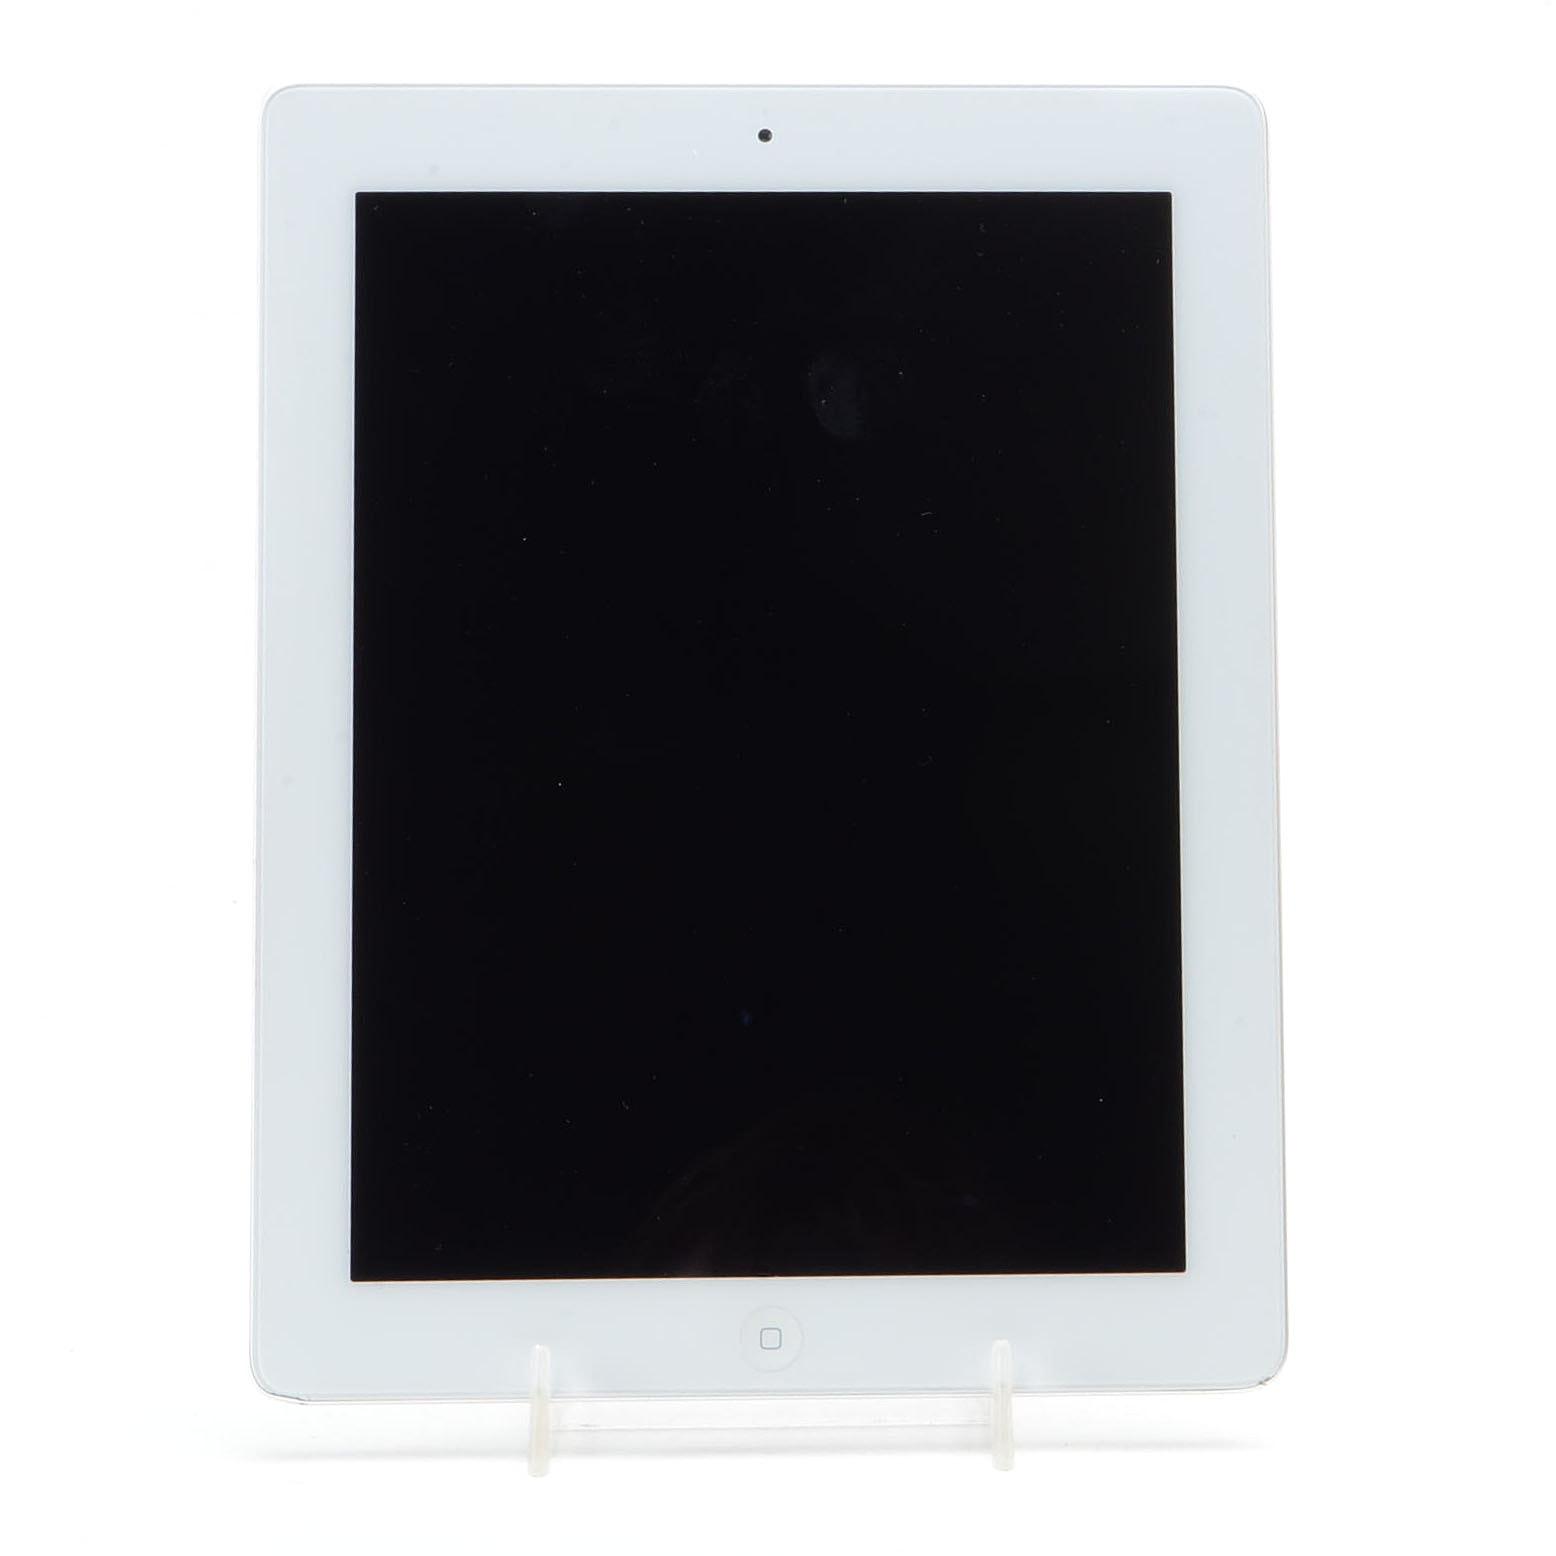 iPad 3 Tablet